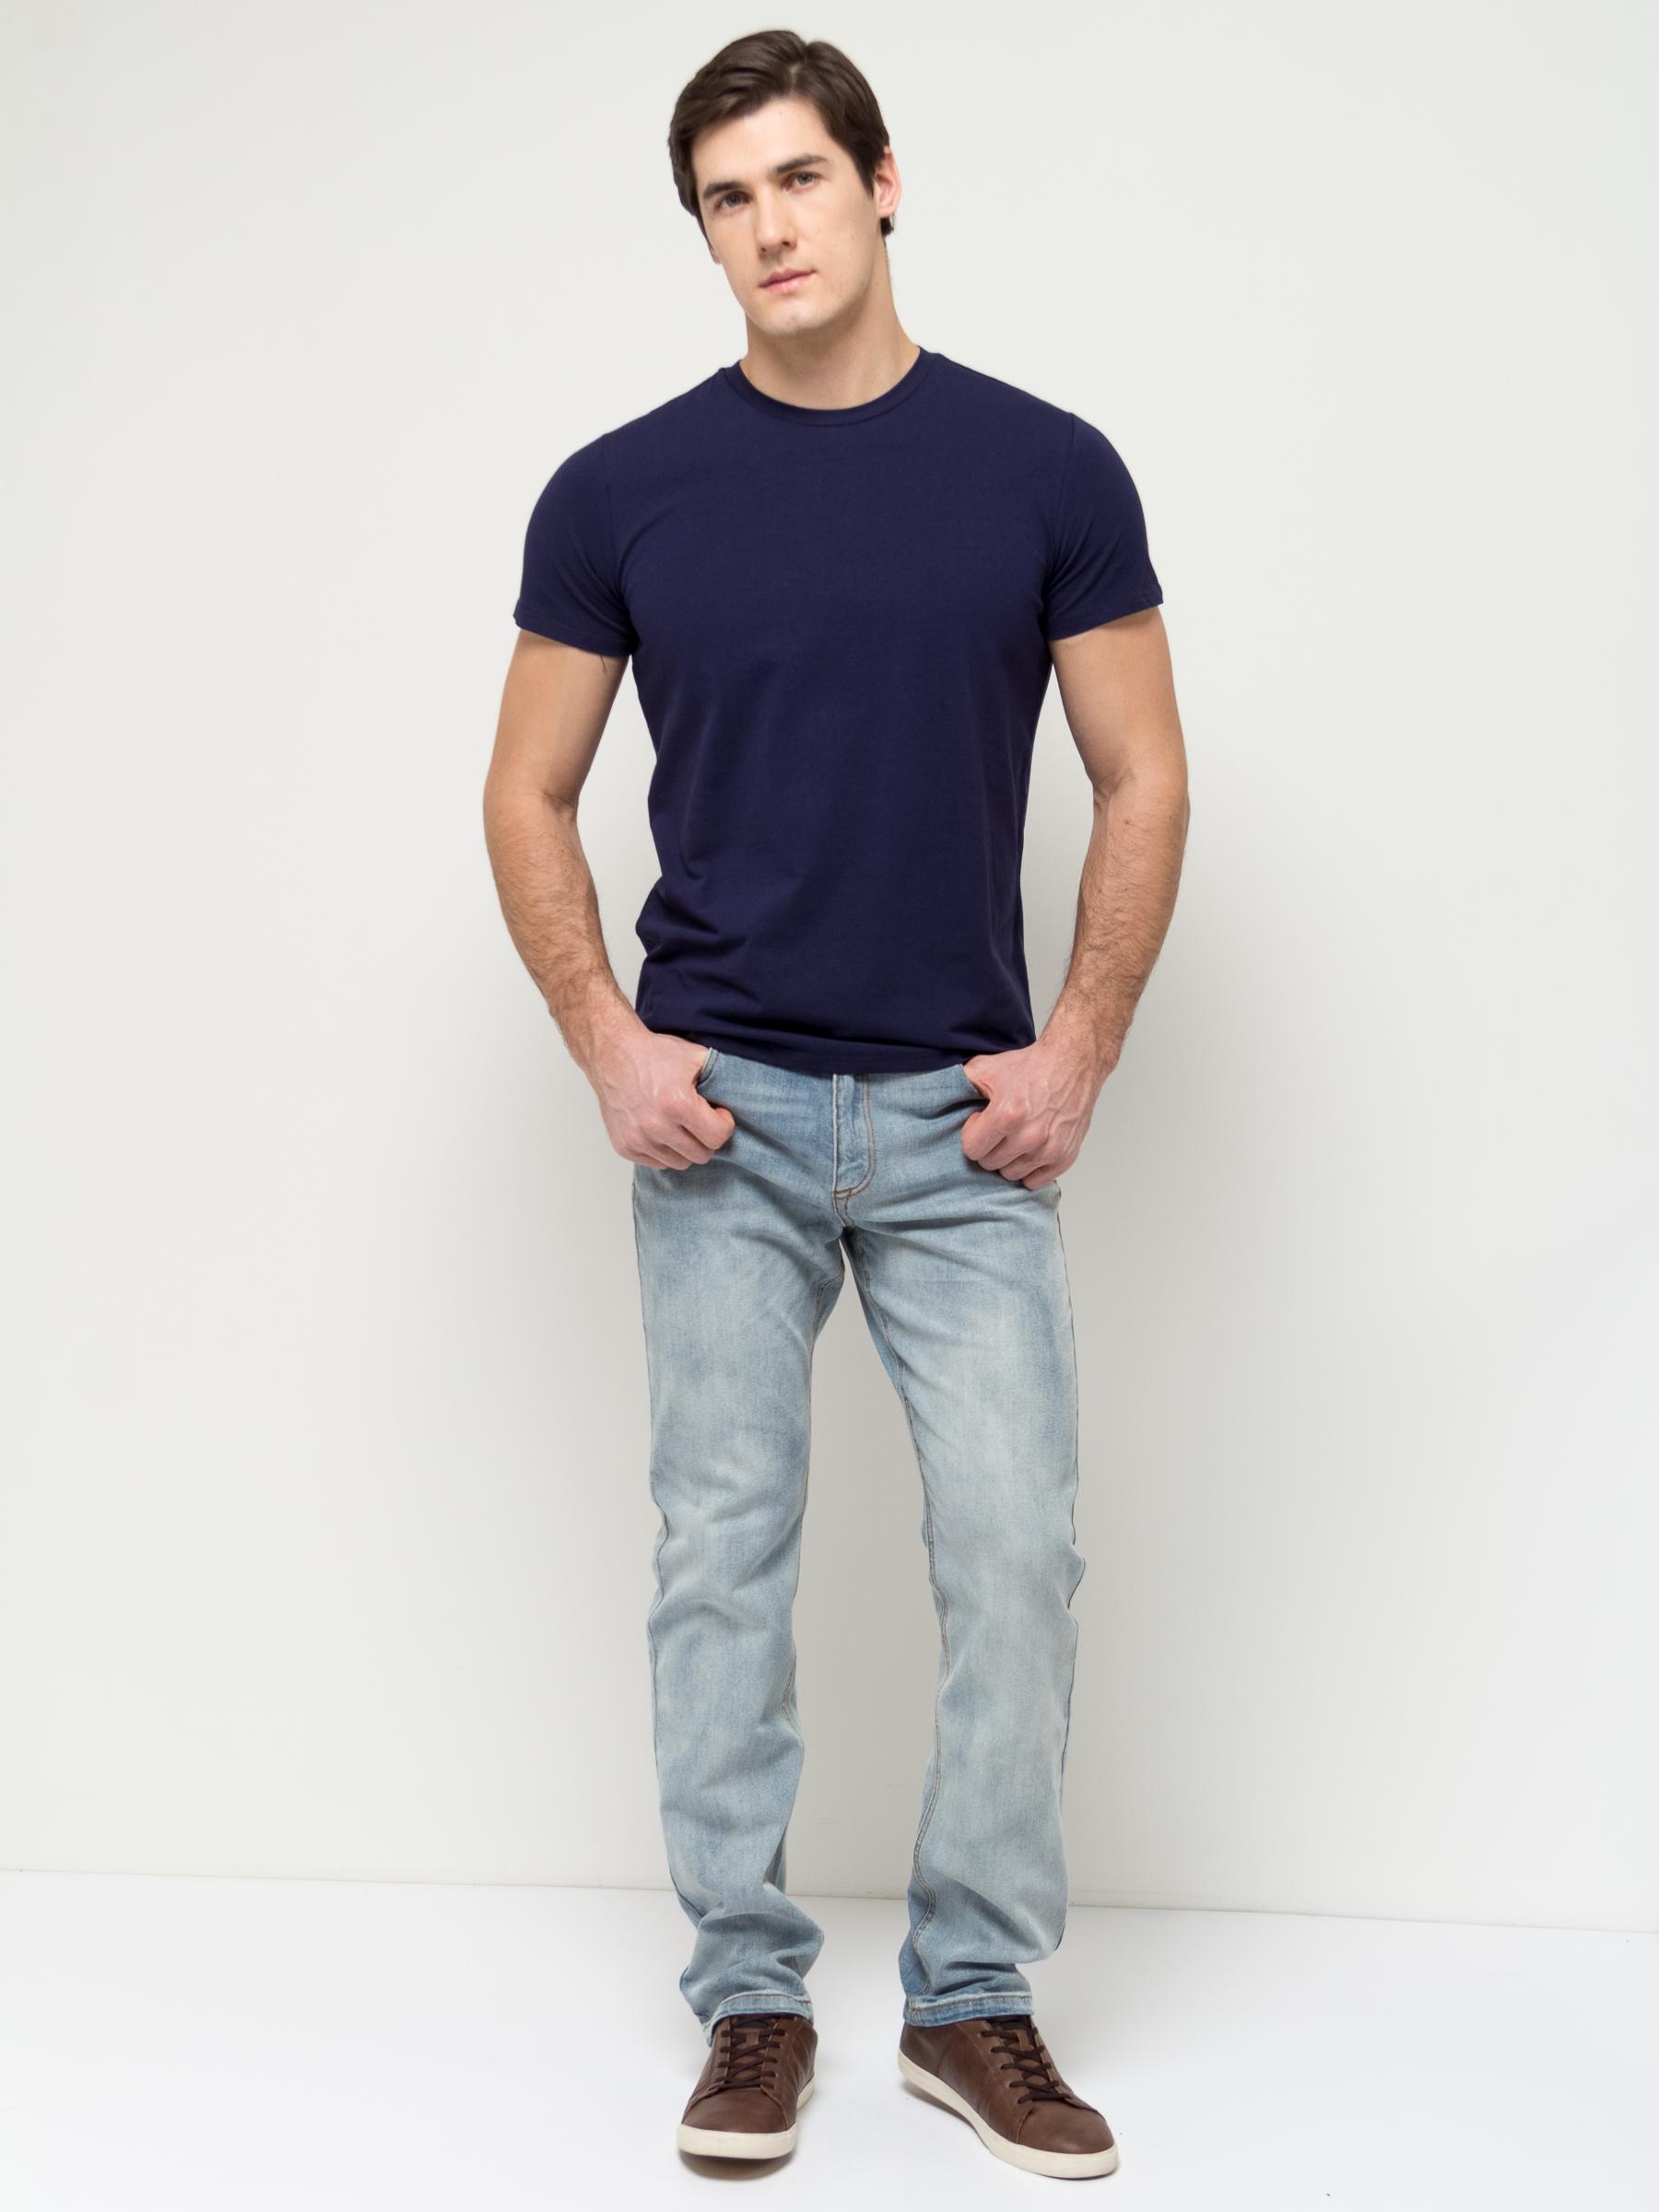 ДжинсыPJ-235/1071-7152Стильные мужские джинсы Sela, изготовленные из качественного эластичного хлопка с потертостями, станут отличным дополнением гардероба. Джинсы зауженного кроя и стандартной посадки на талии застегиваются на застежку-молнию и пуговицу. На поясе имеются шлевки для ремня. Модель представляет собой классическую пятикарманку: два втачных и накладной карманы спереди и два накладных кармана сзади.